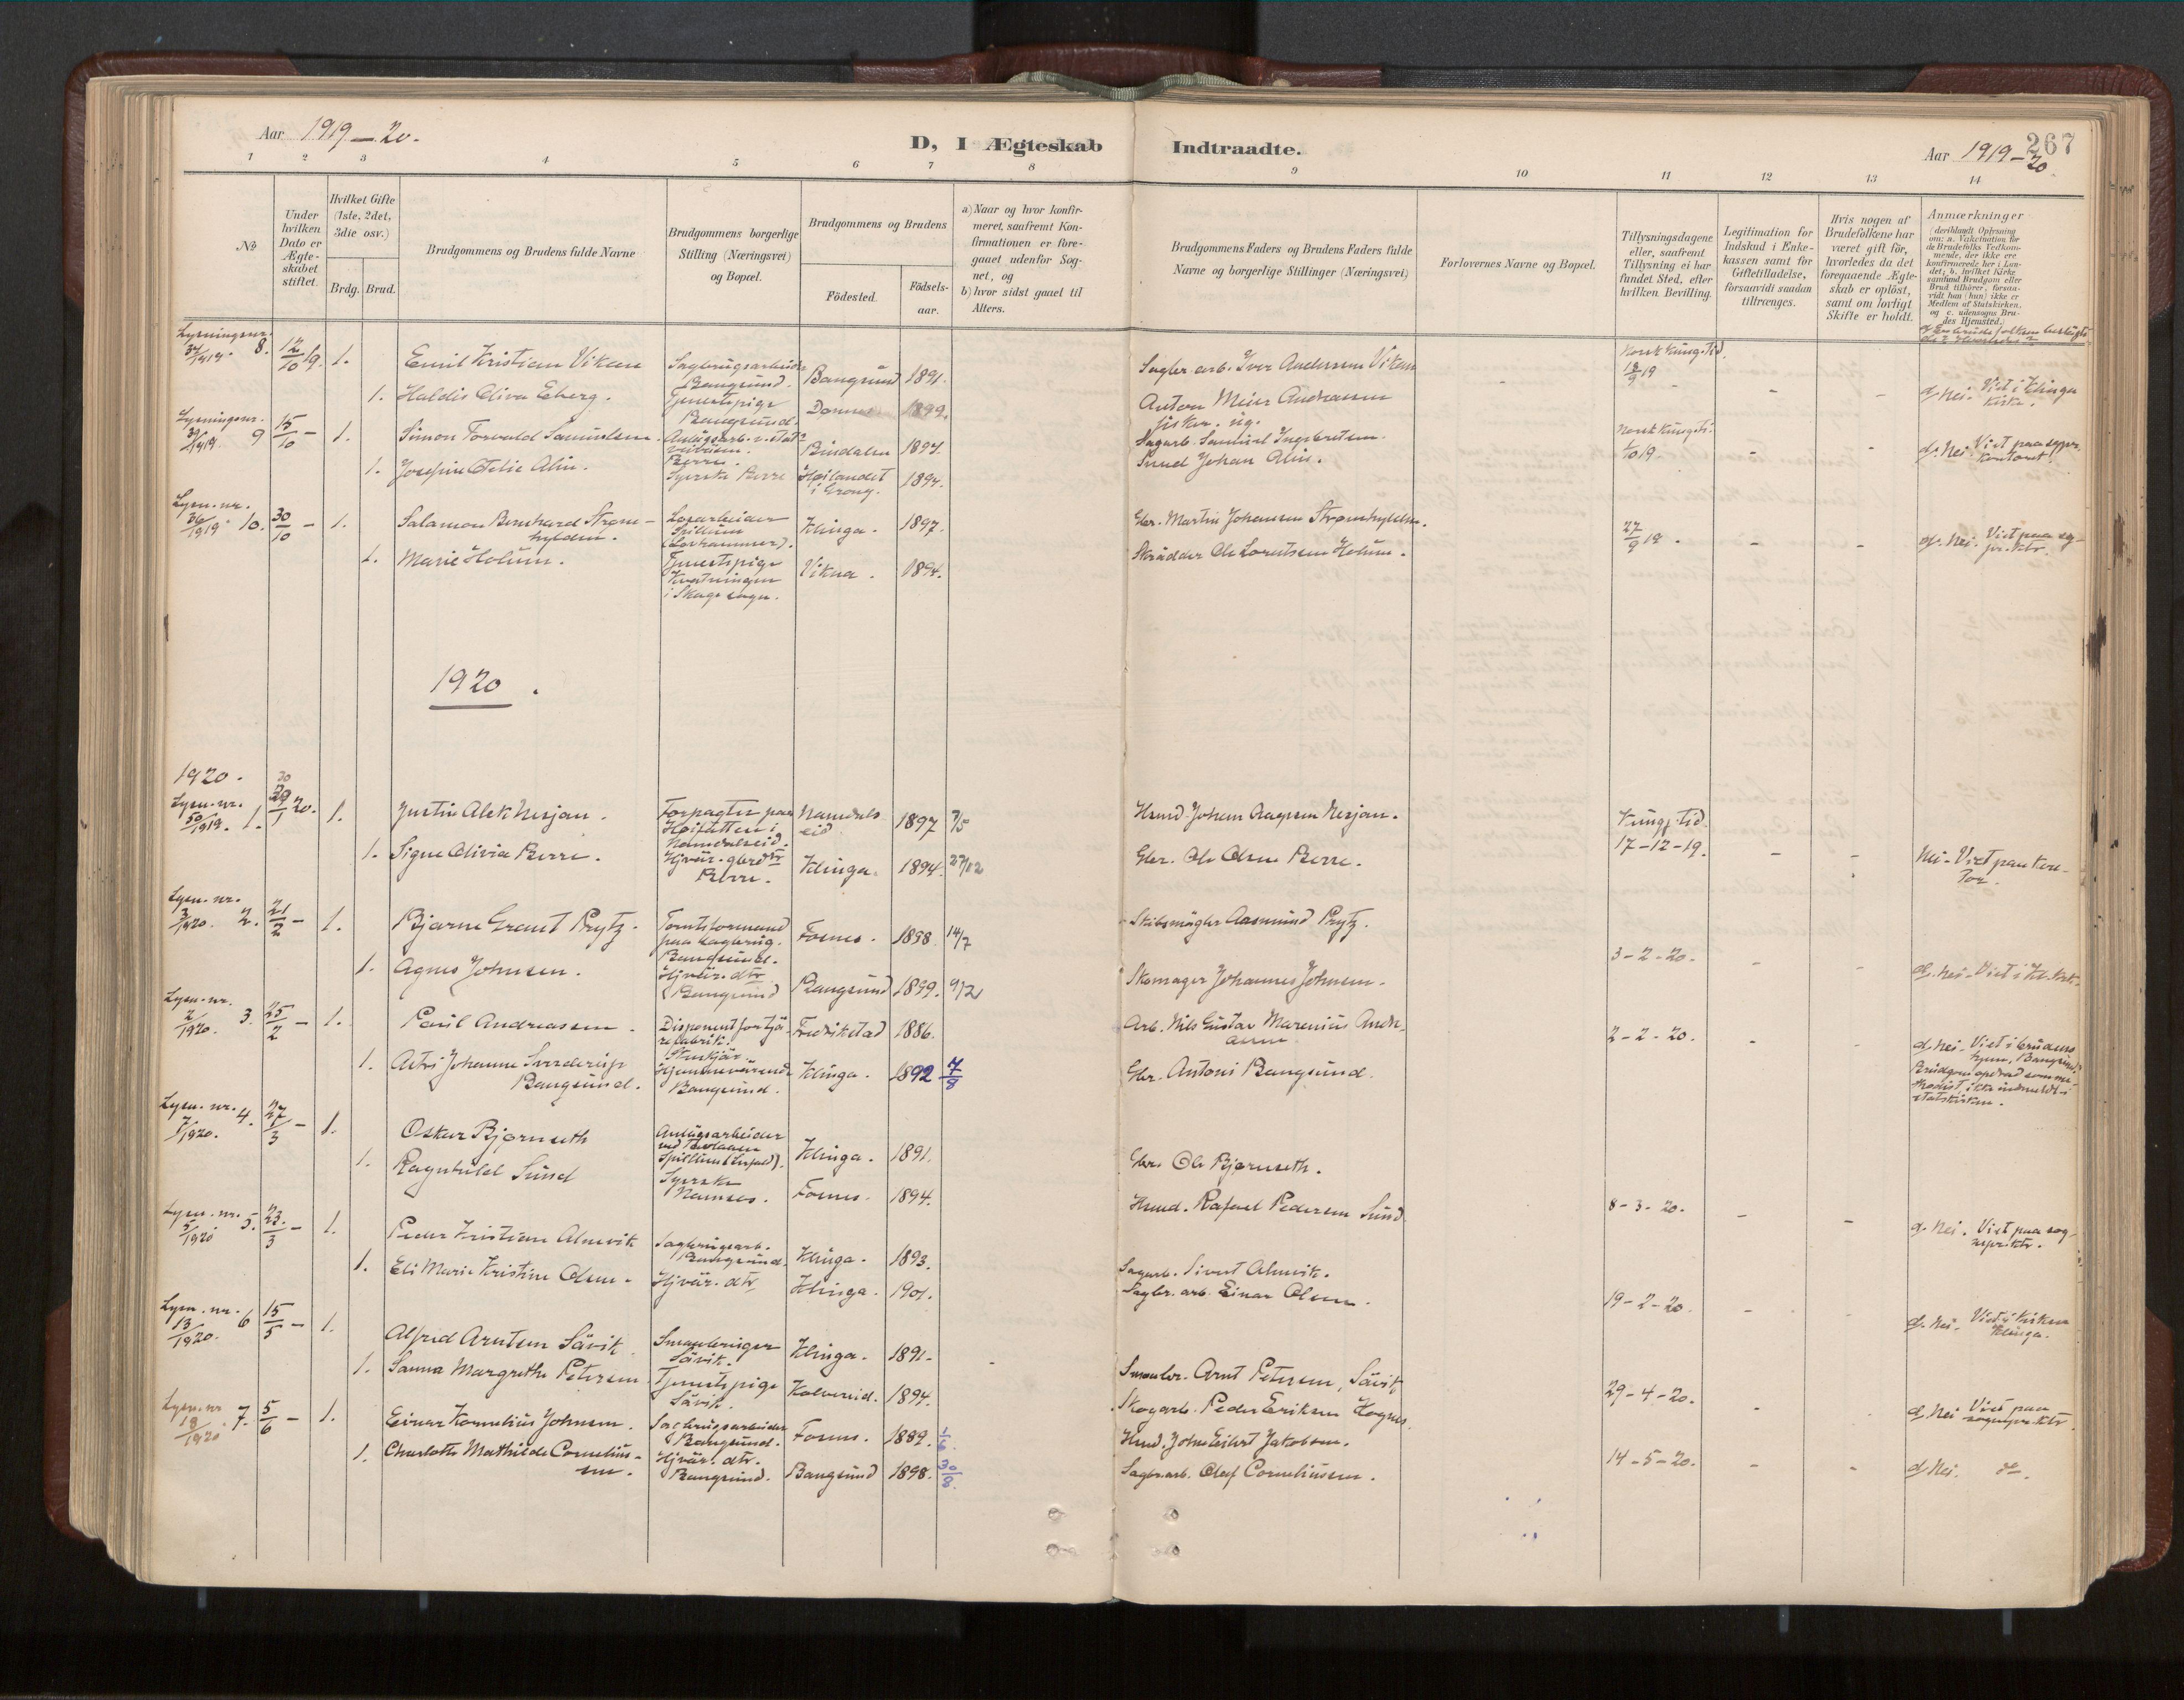 SAT, Ministerialprotokoller, klokkerbøker og fødselsregistre - Nord-Trøndelag, 770/L0589: Ministerialbok nr. 770A03, 1887-1929, s. 267